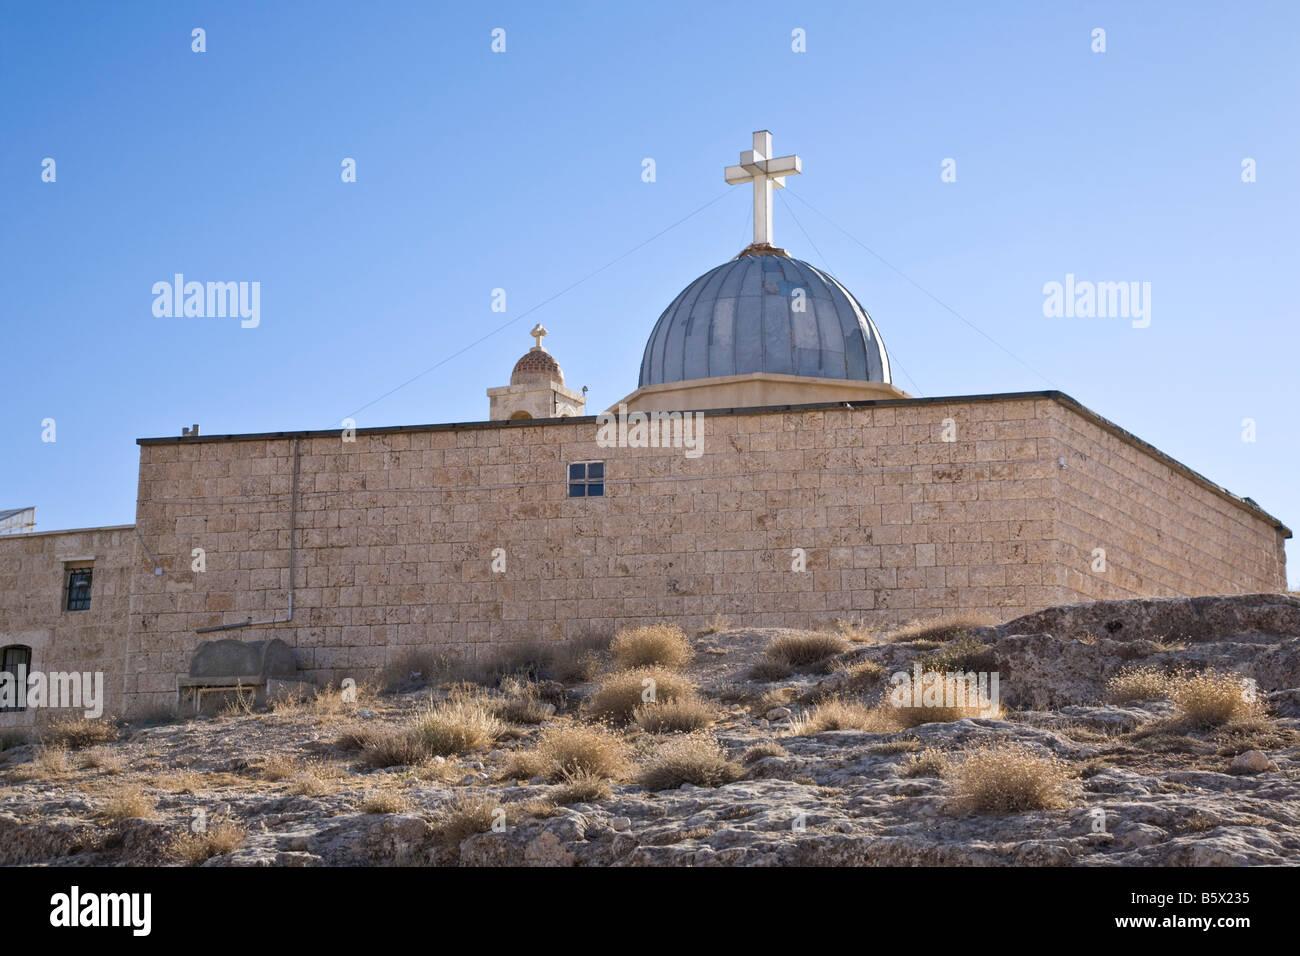 Church of Saint Serge and Saint Bacchus. `Ayn at Tīnah, Maalula, Rif-dimashq, Syria. - Stock Image